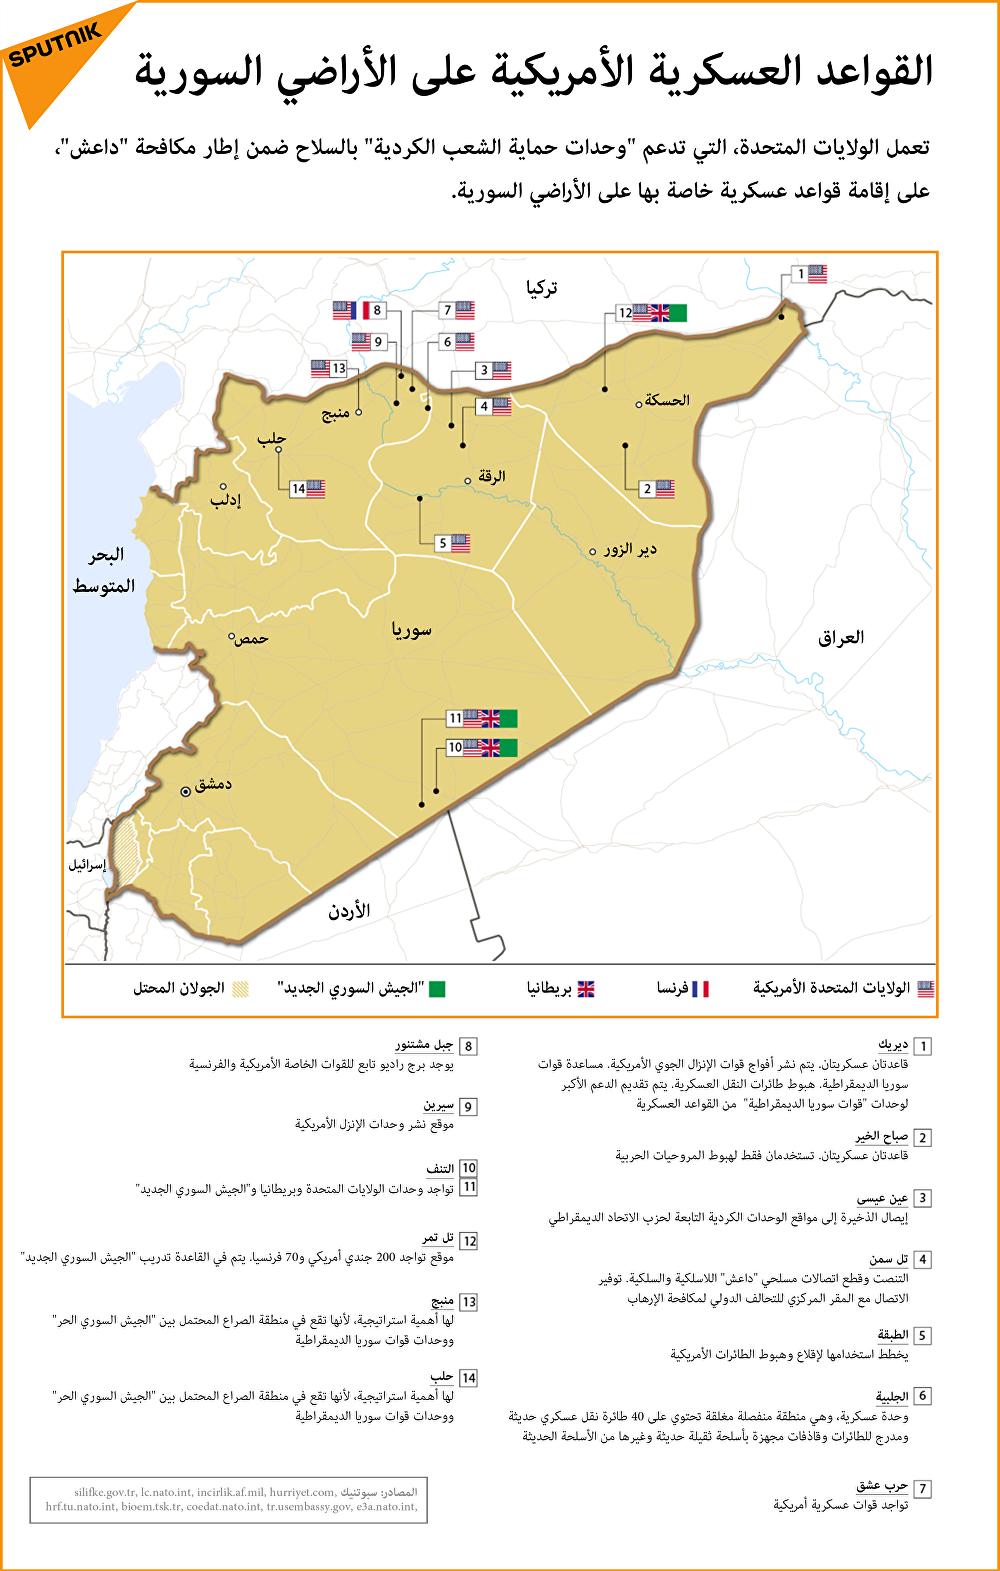 القواعد العسكرية الأمريكية في سوريا